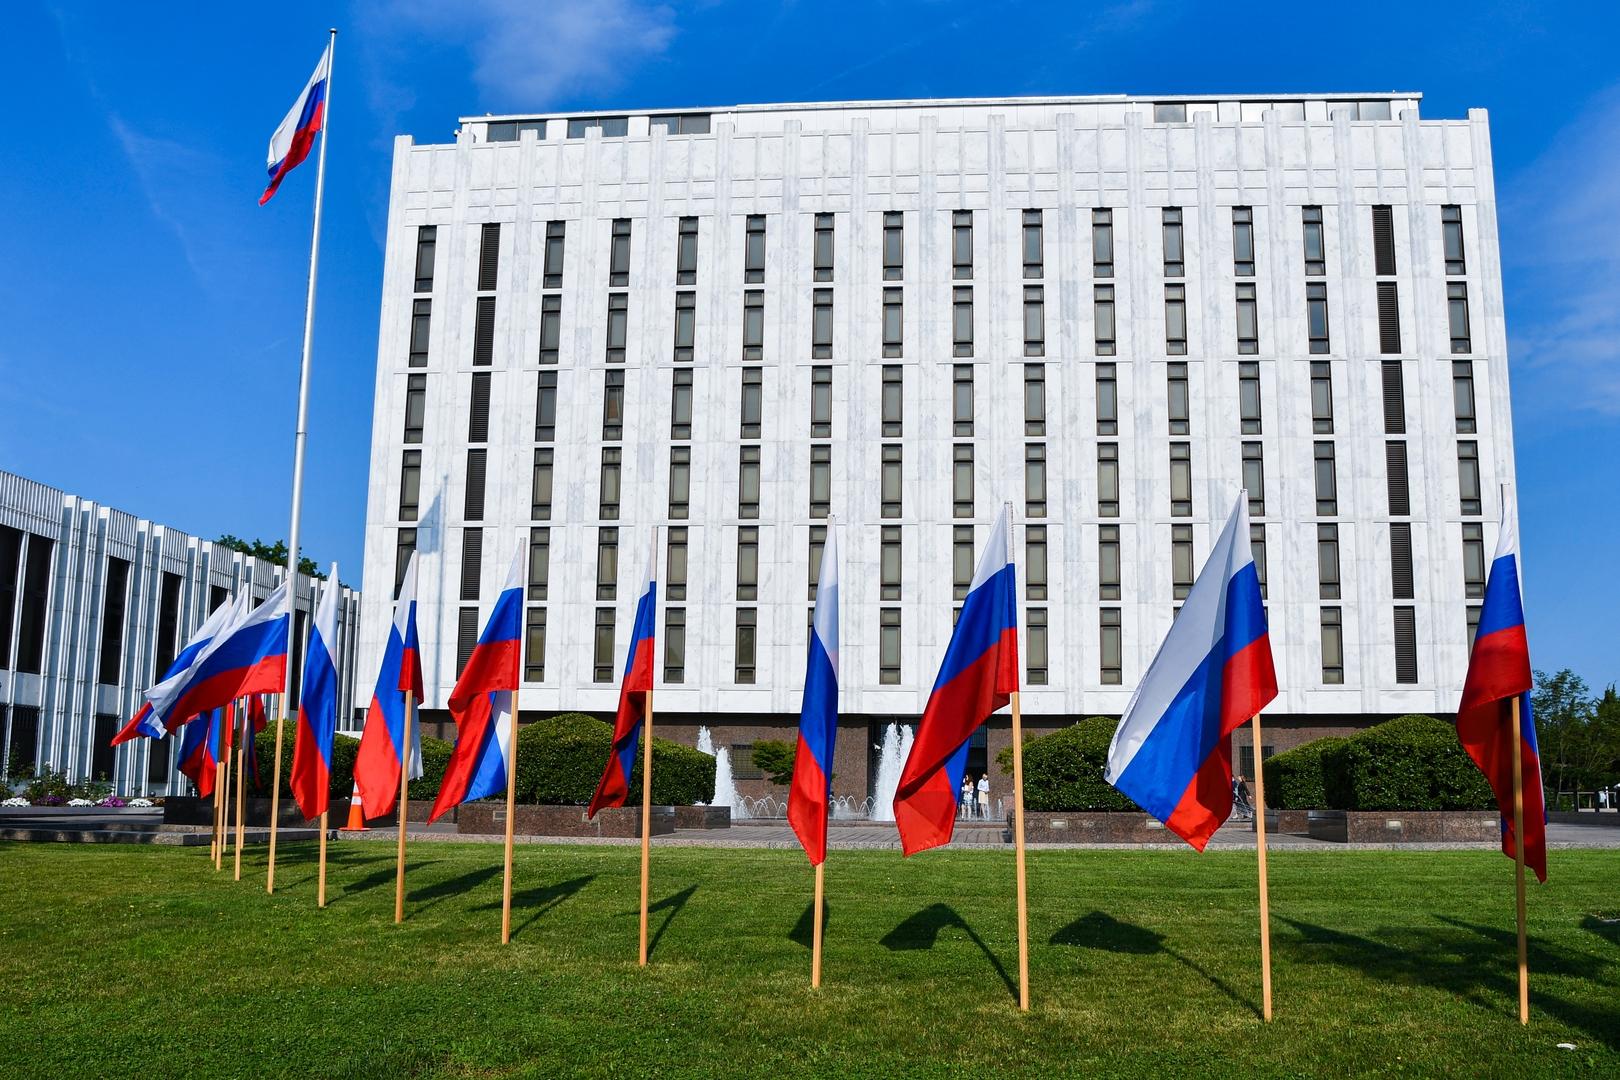 السفارة الروسية تعلق على تصريح أمريكي حول الأسلحة فرط الصوتية